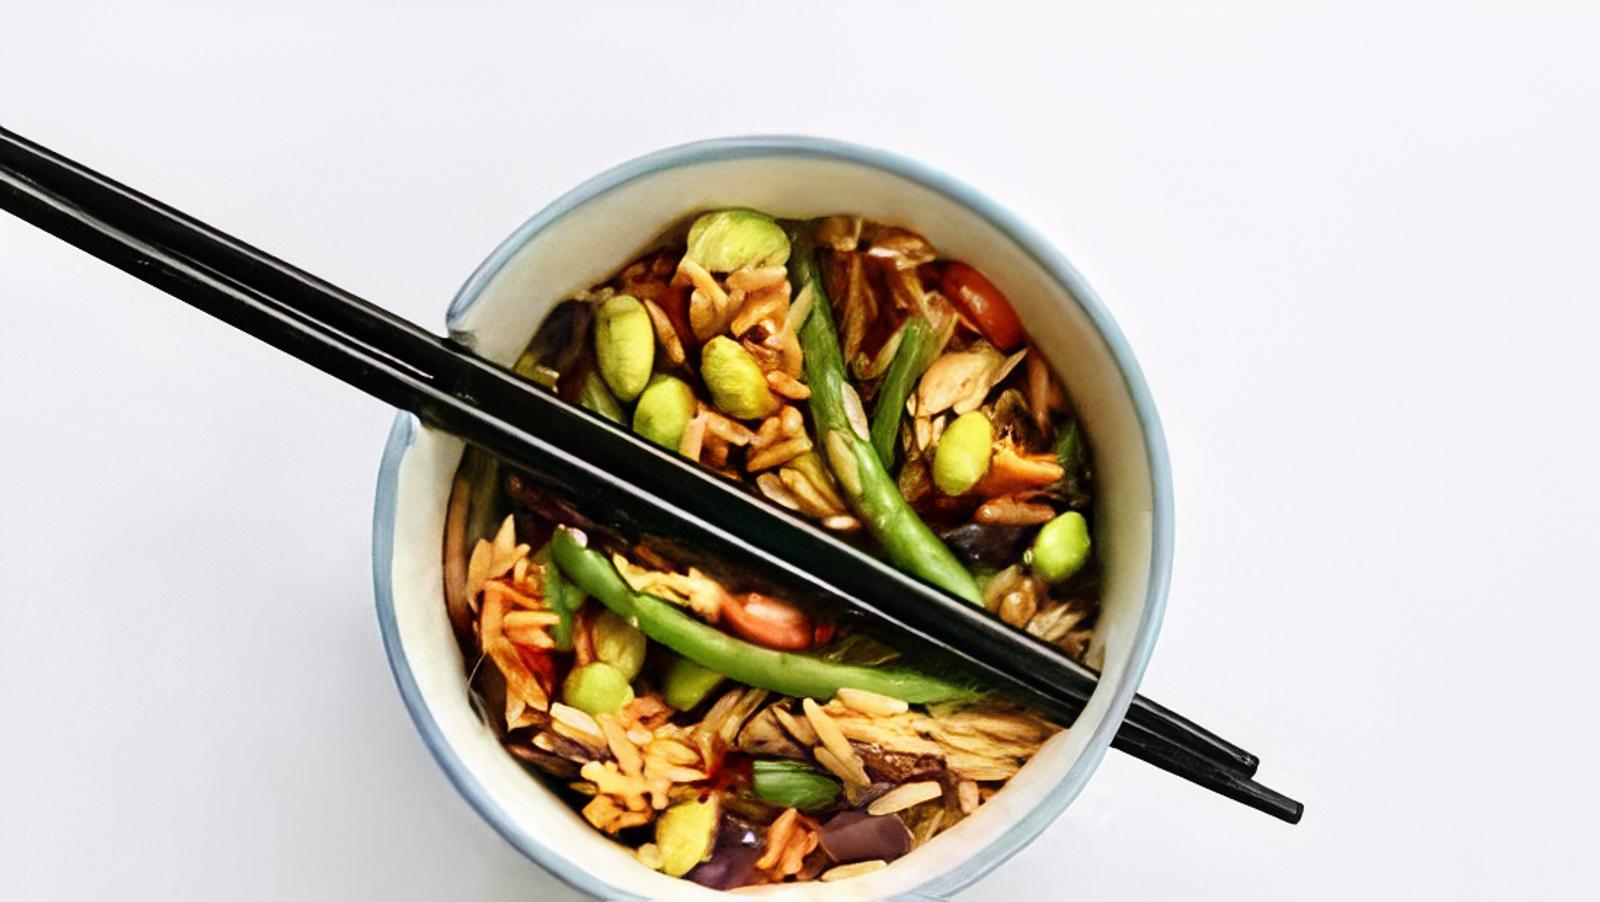 Vegan Stir-Fry